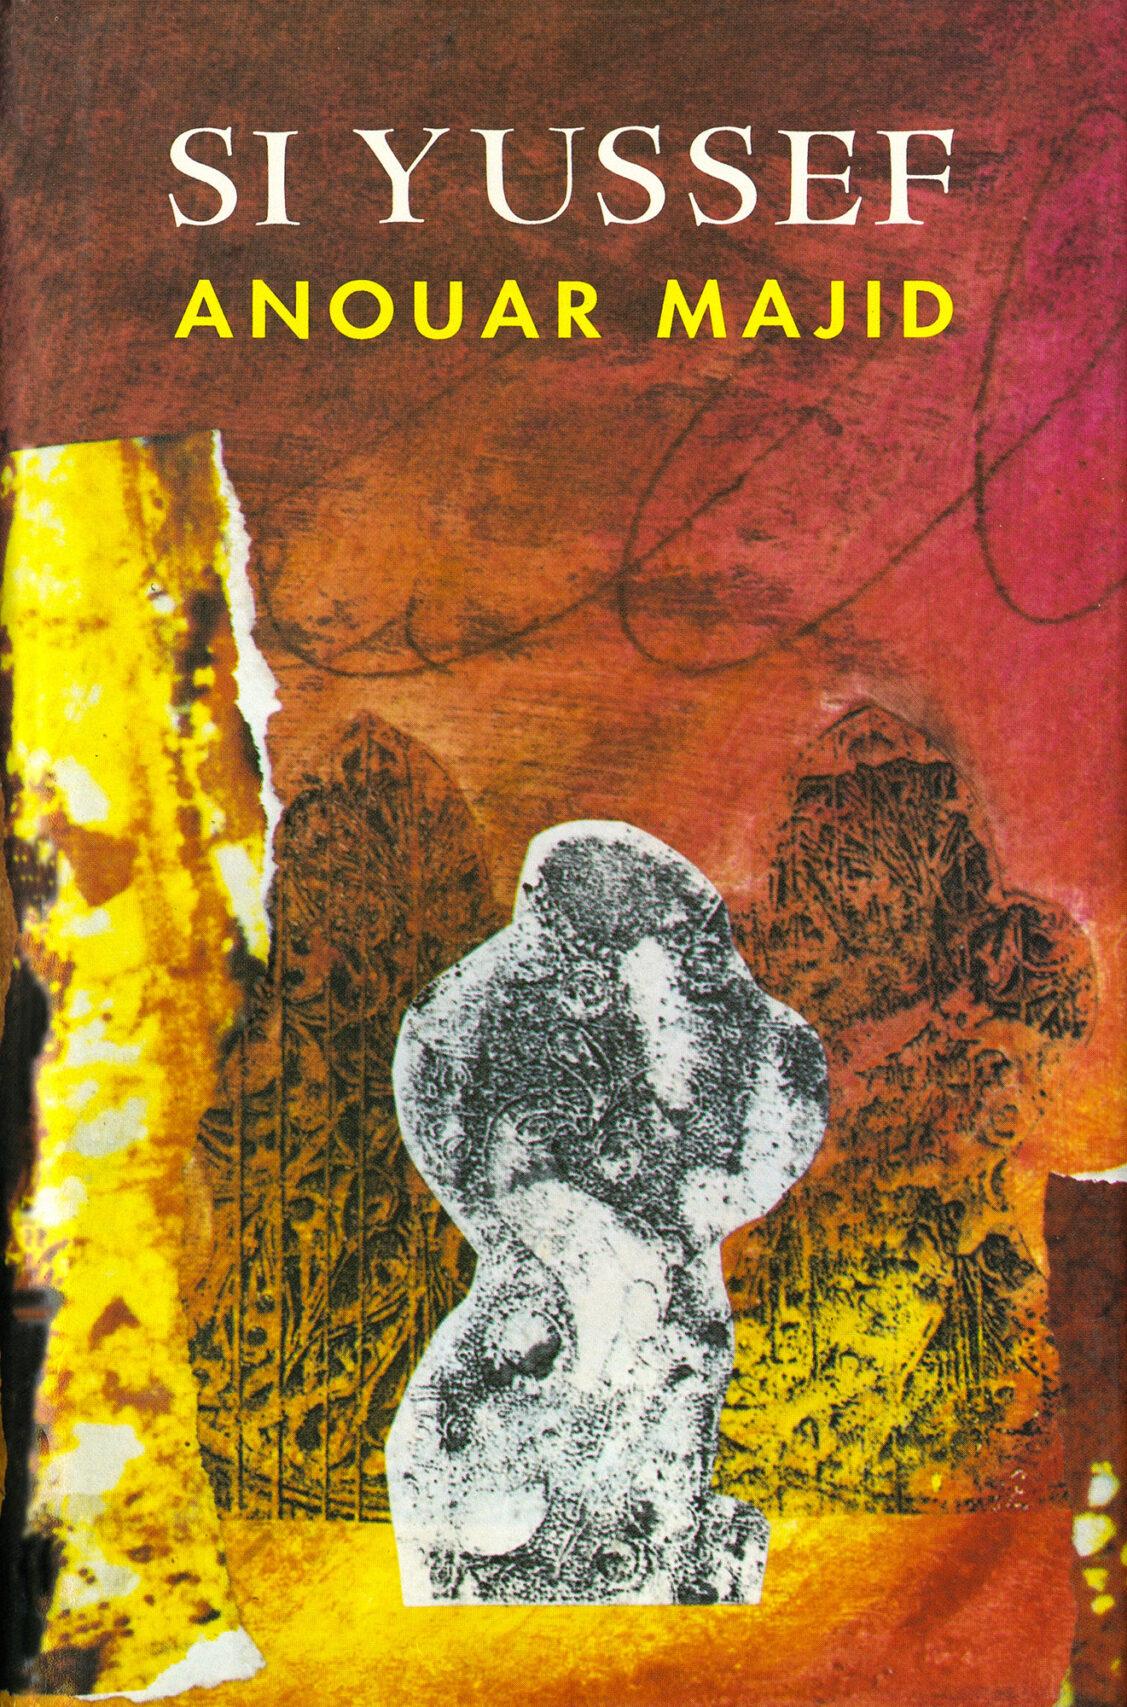 <em>Si Yussef</em>, published in 1992